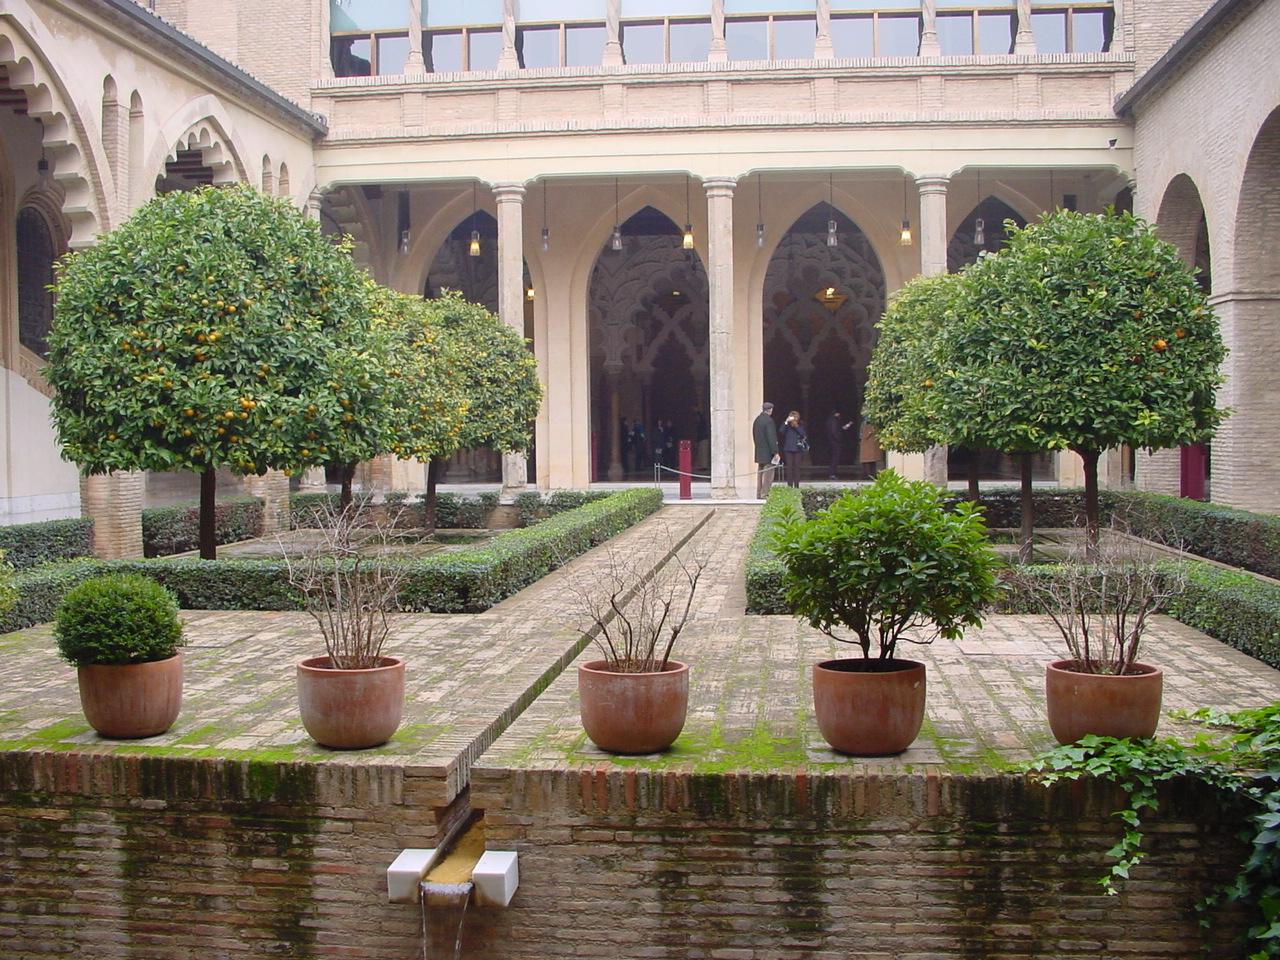 Jardineria eladio nonay jardiner a eladio nonay jard n contemplaci n - El jardin del deseo pendientes ...